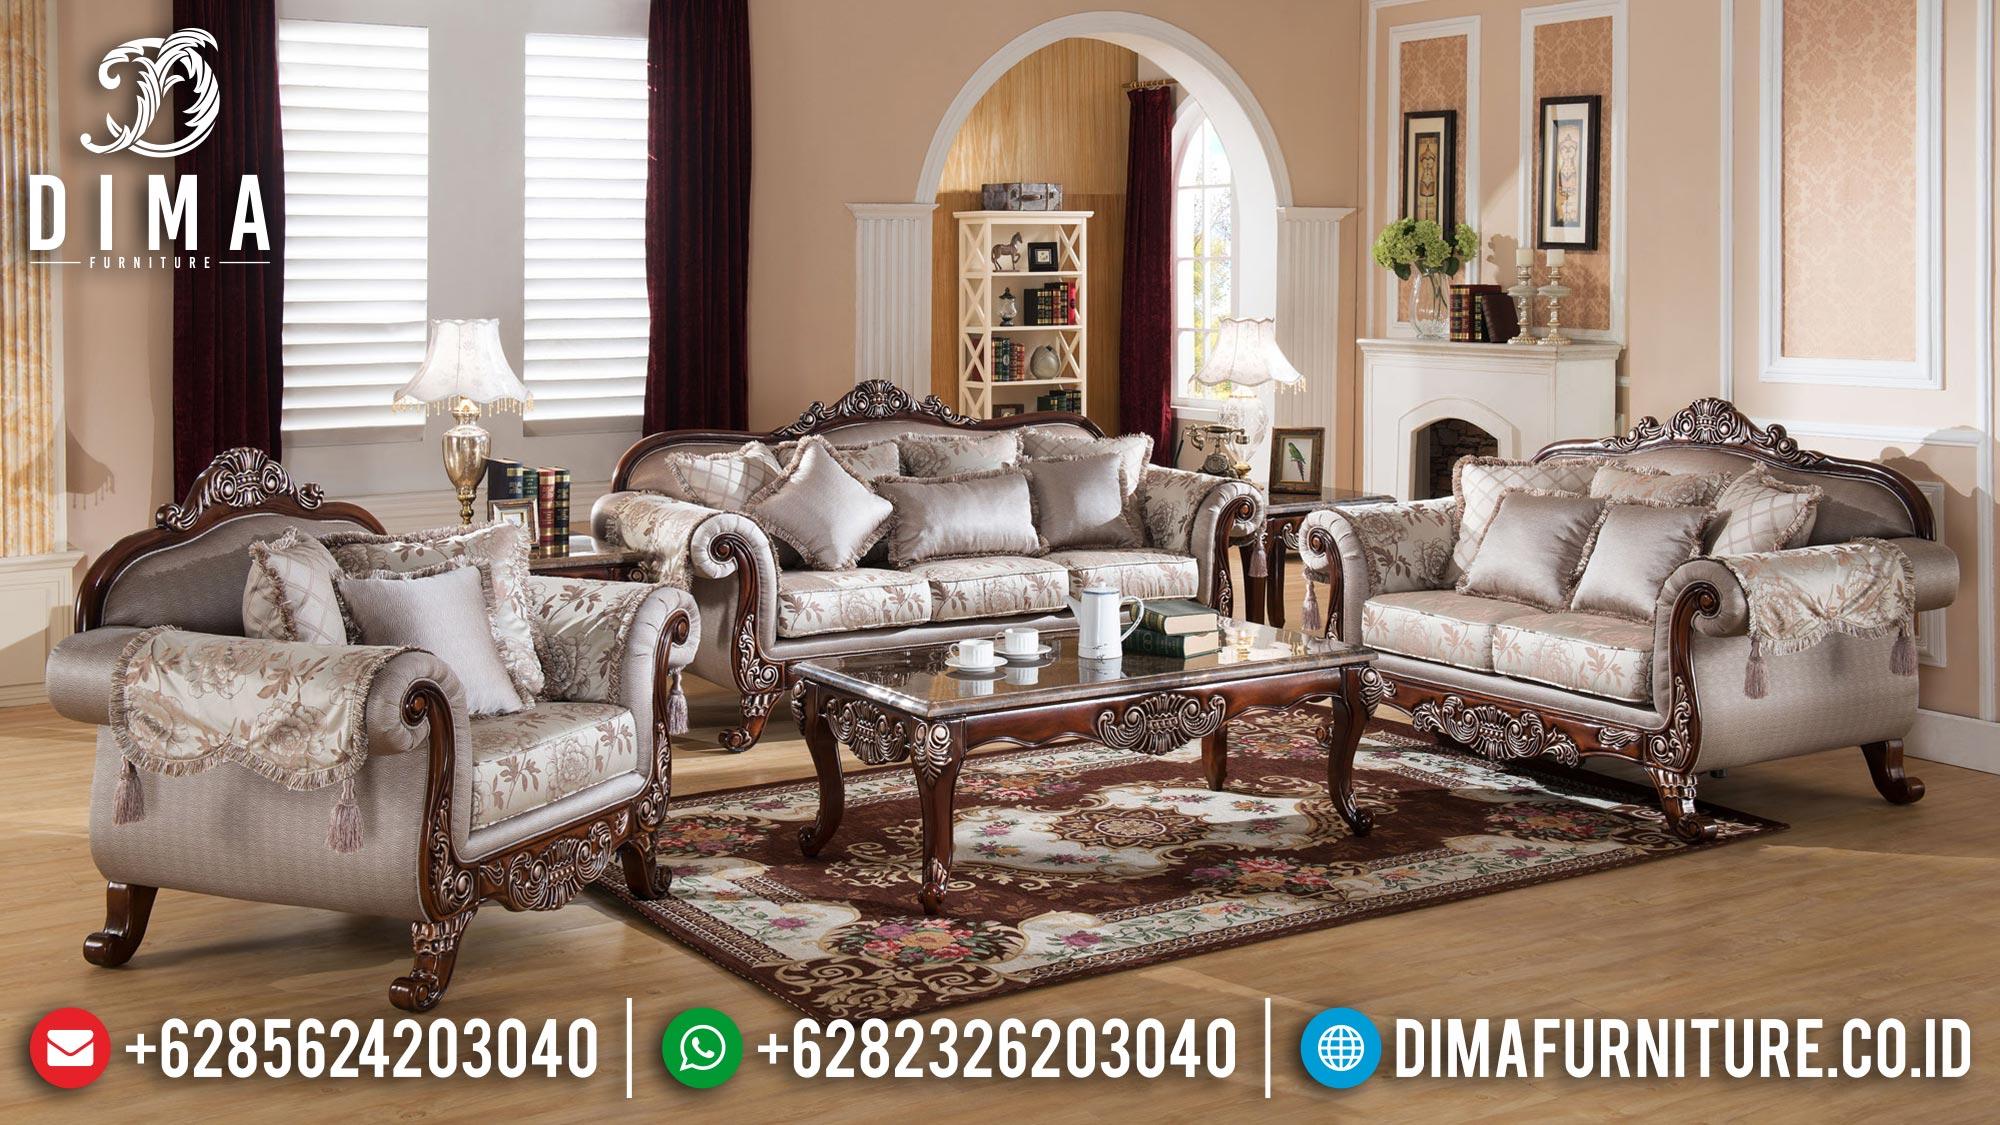 Sofa Tamu Mewah Jepara Luxury Carving Classic Natural Combine Color BT-1013